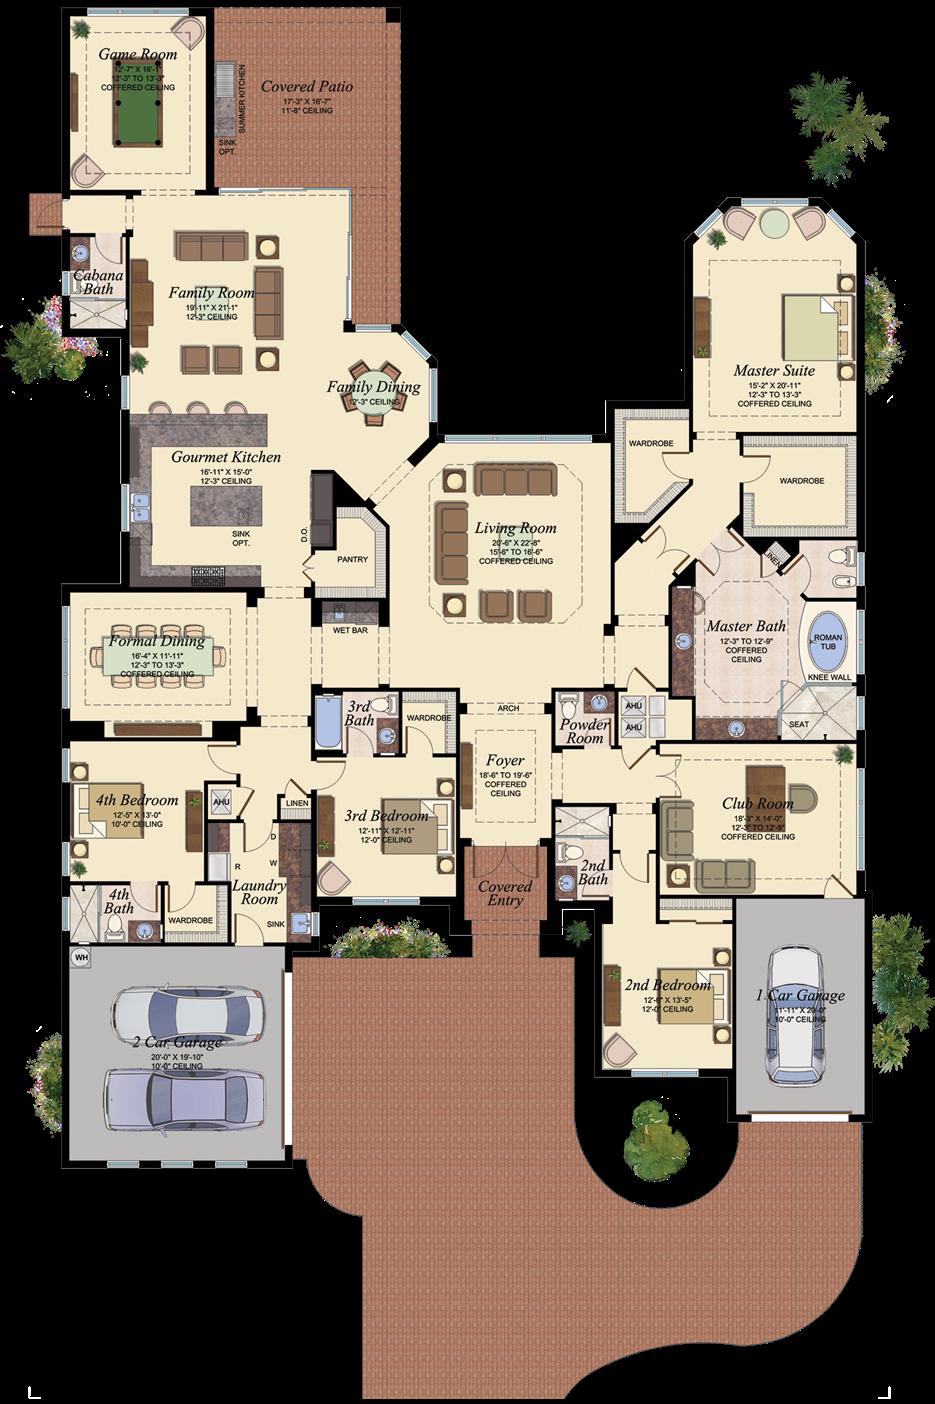 4660 square feet 4 bedroom 5 1 2 bath 3 car garage - 4 bedroom 3 car garage house plans ...